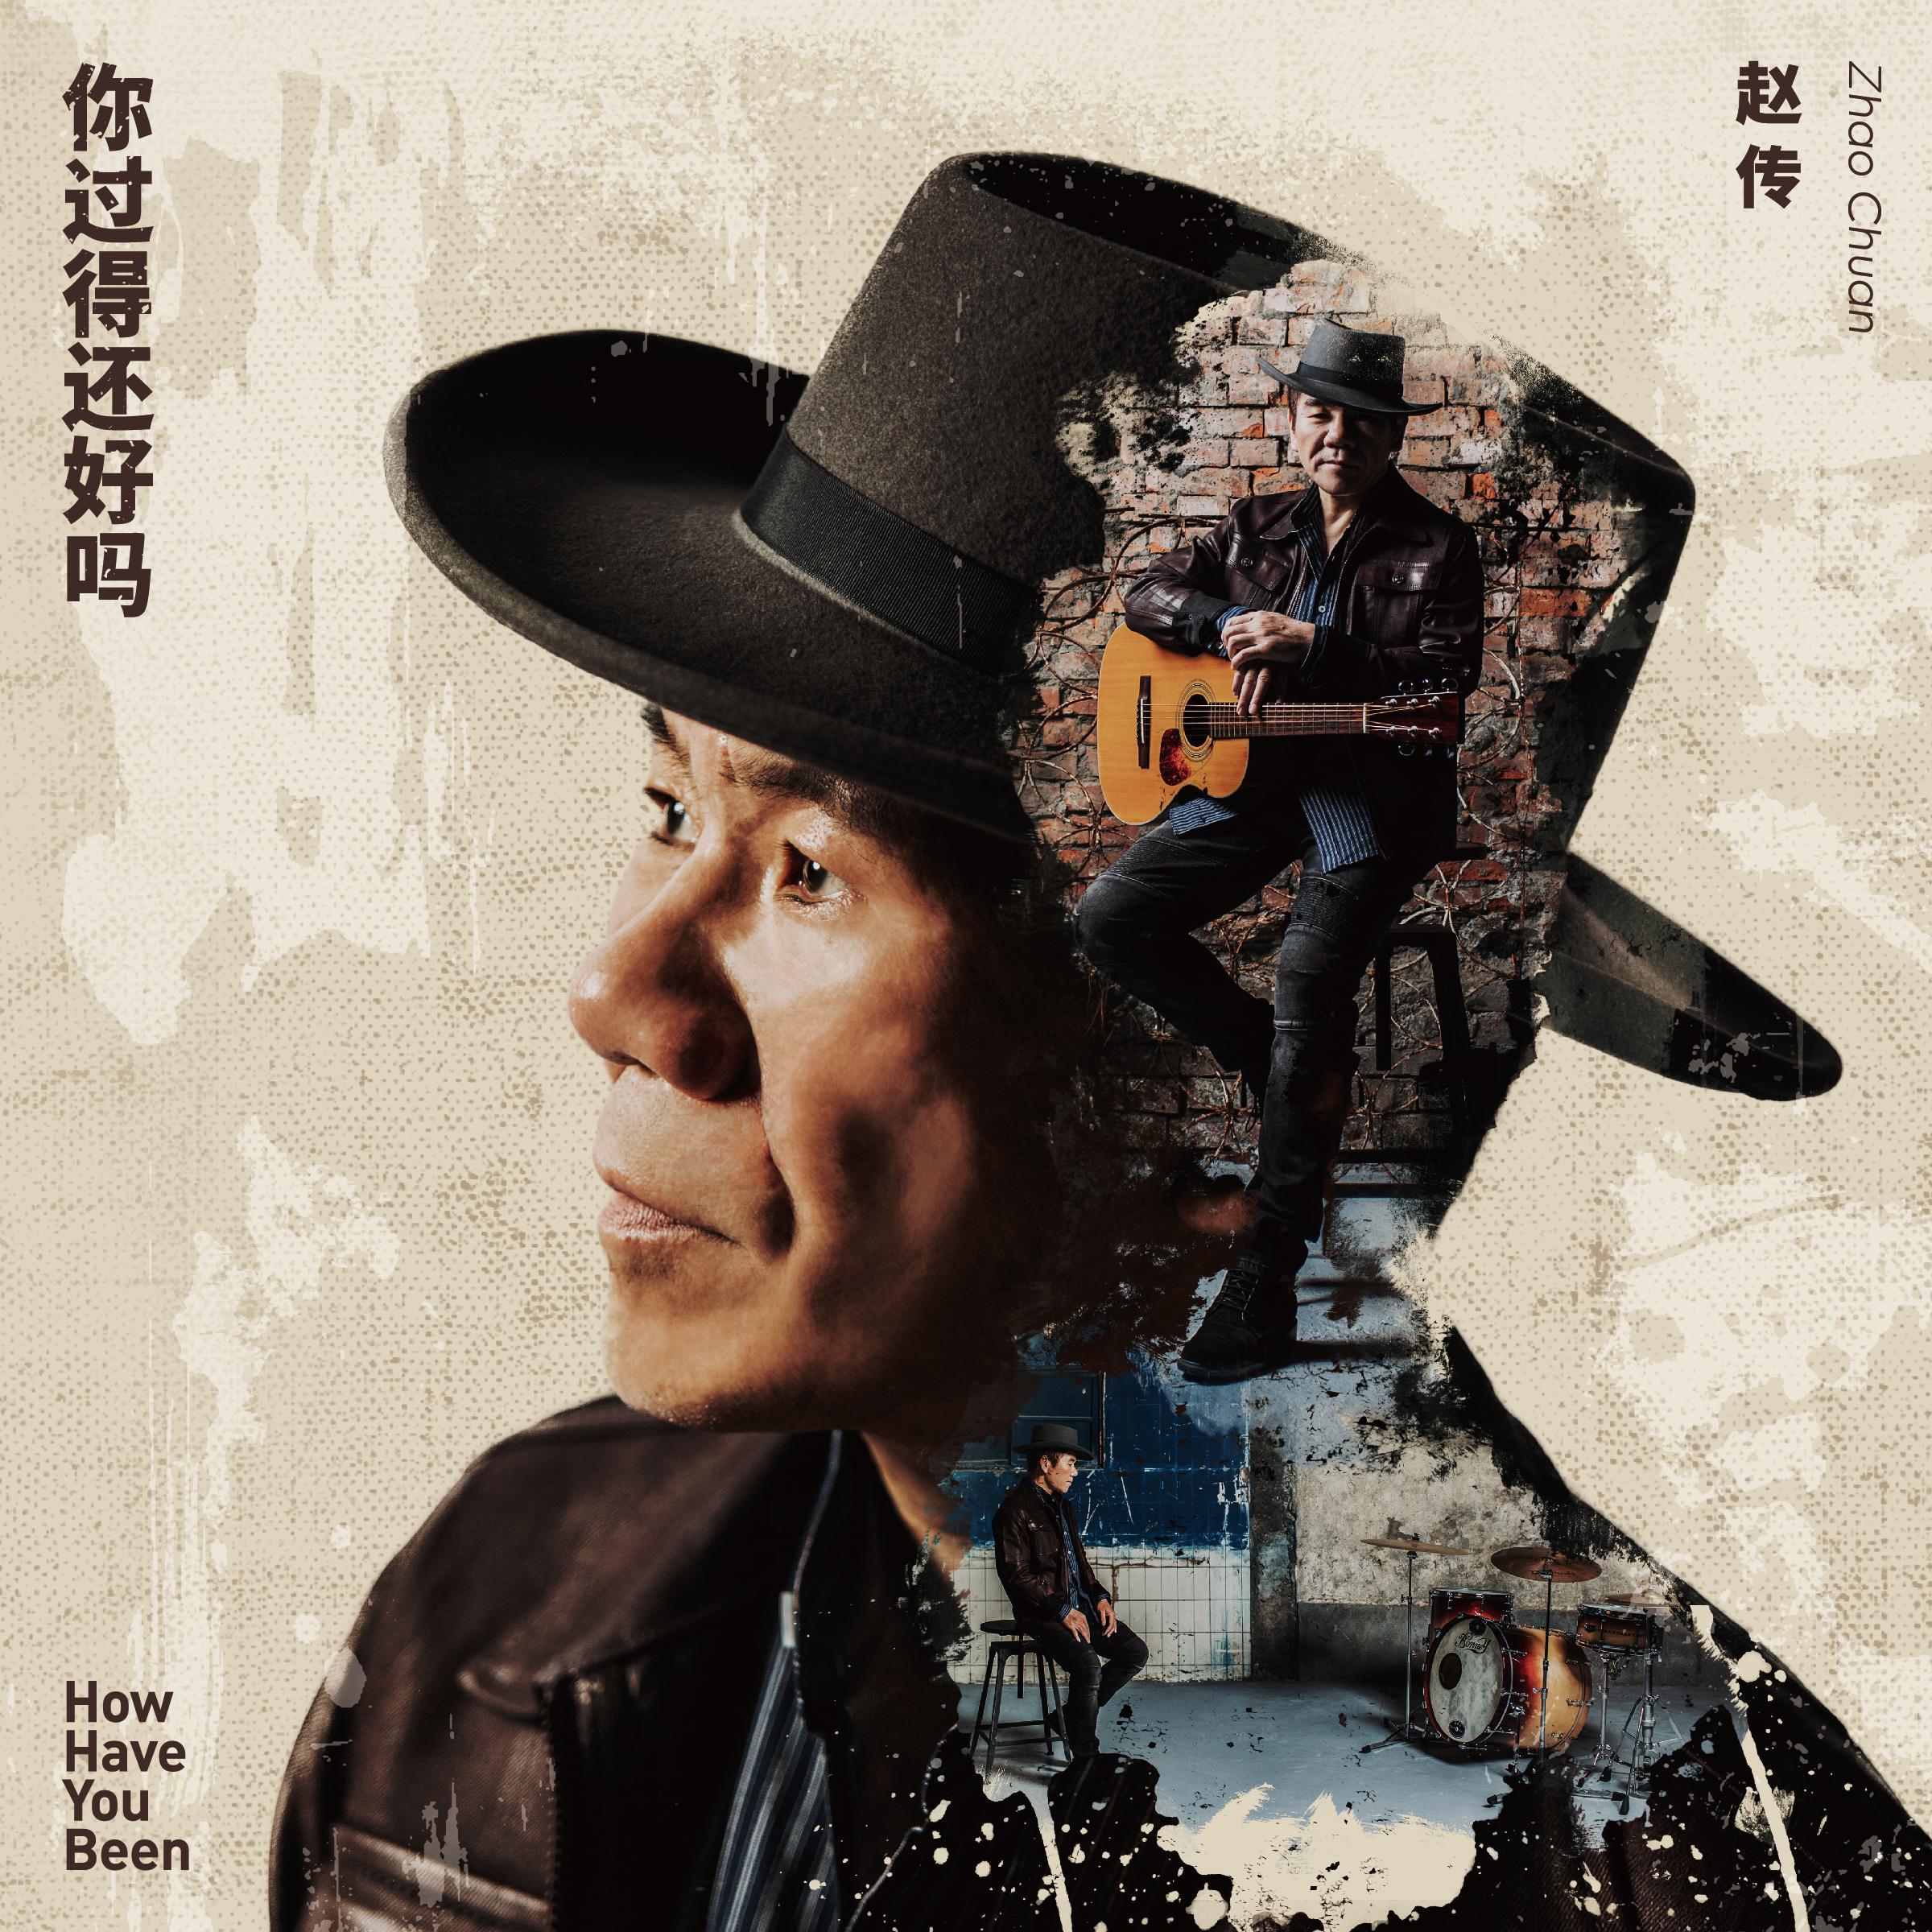 赵传《你过得还好吗》三十年纪念专辑感谢歌迷力挺支持